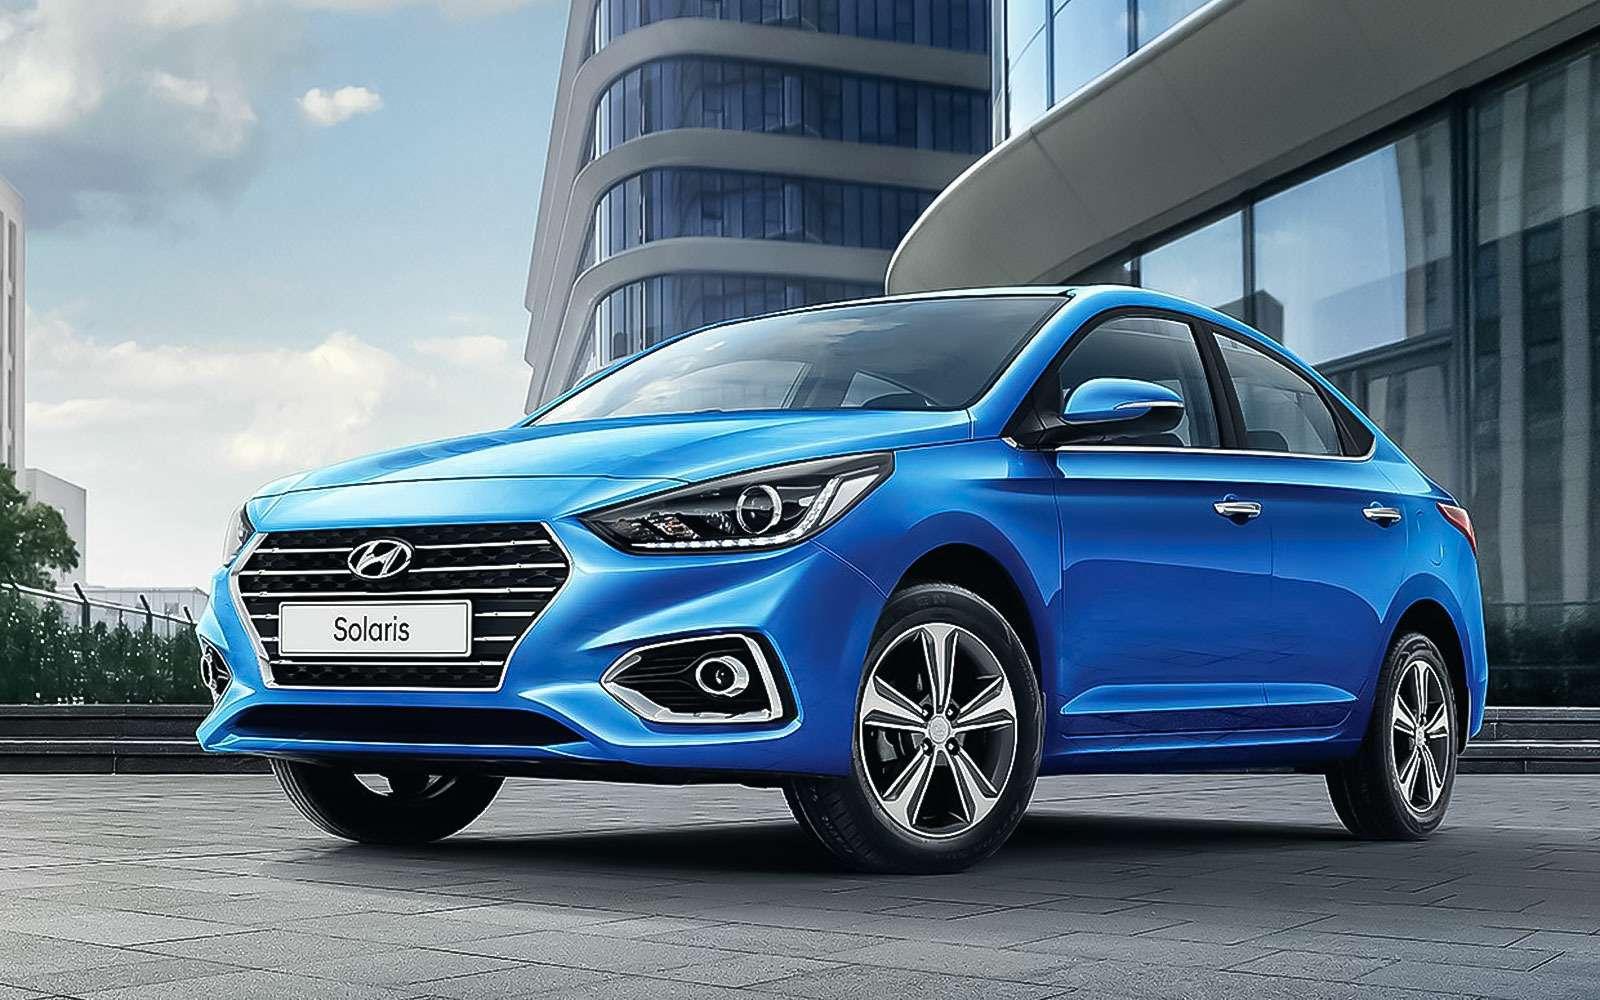 Авто вкредит: популярные программы отFord, Hyundai, Renault, Peugeot— фото 776151